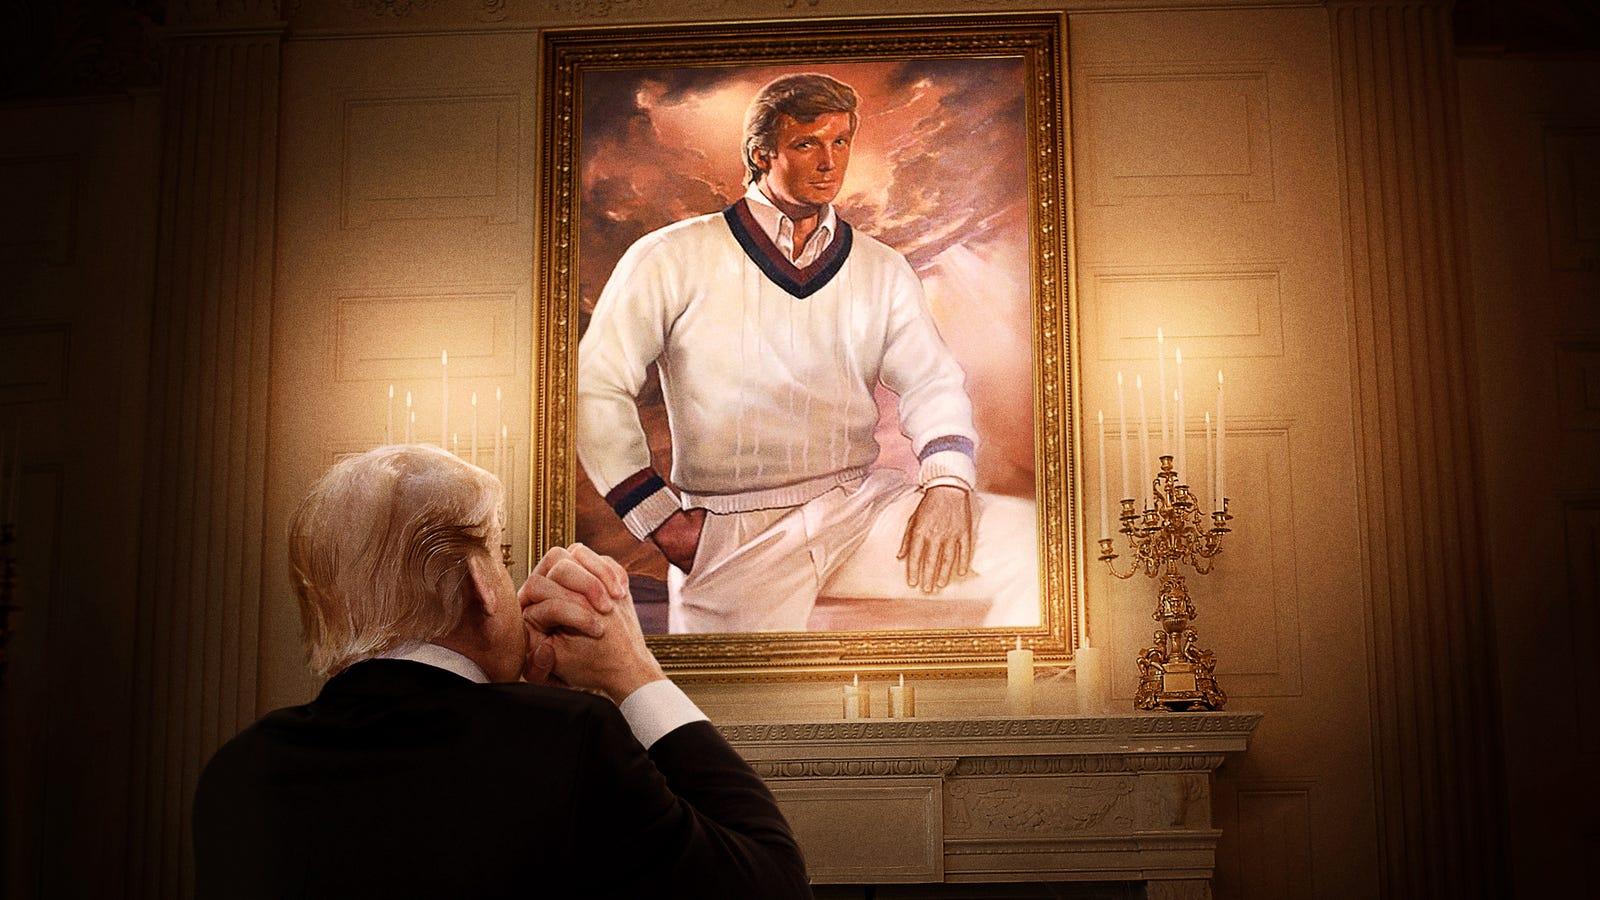 'Please Guide Me In My Darkest Hour Lord,' Prays Trump Kneeling Before Portrait Of Himself